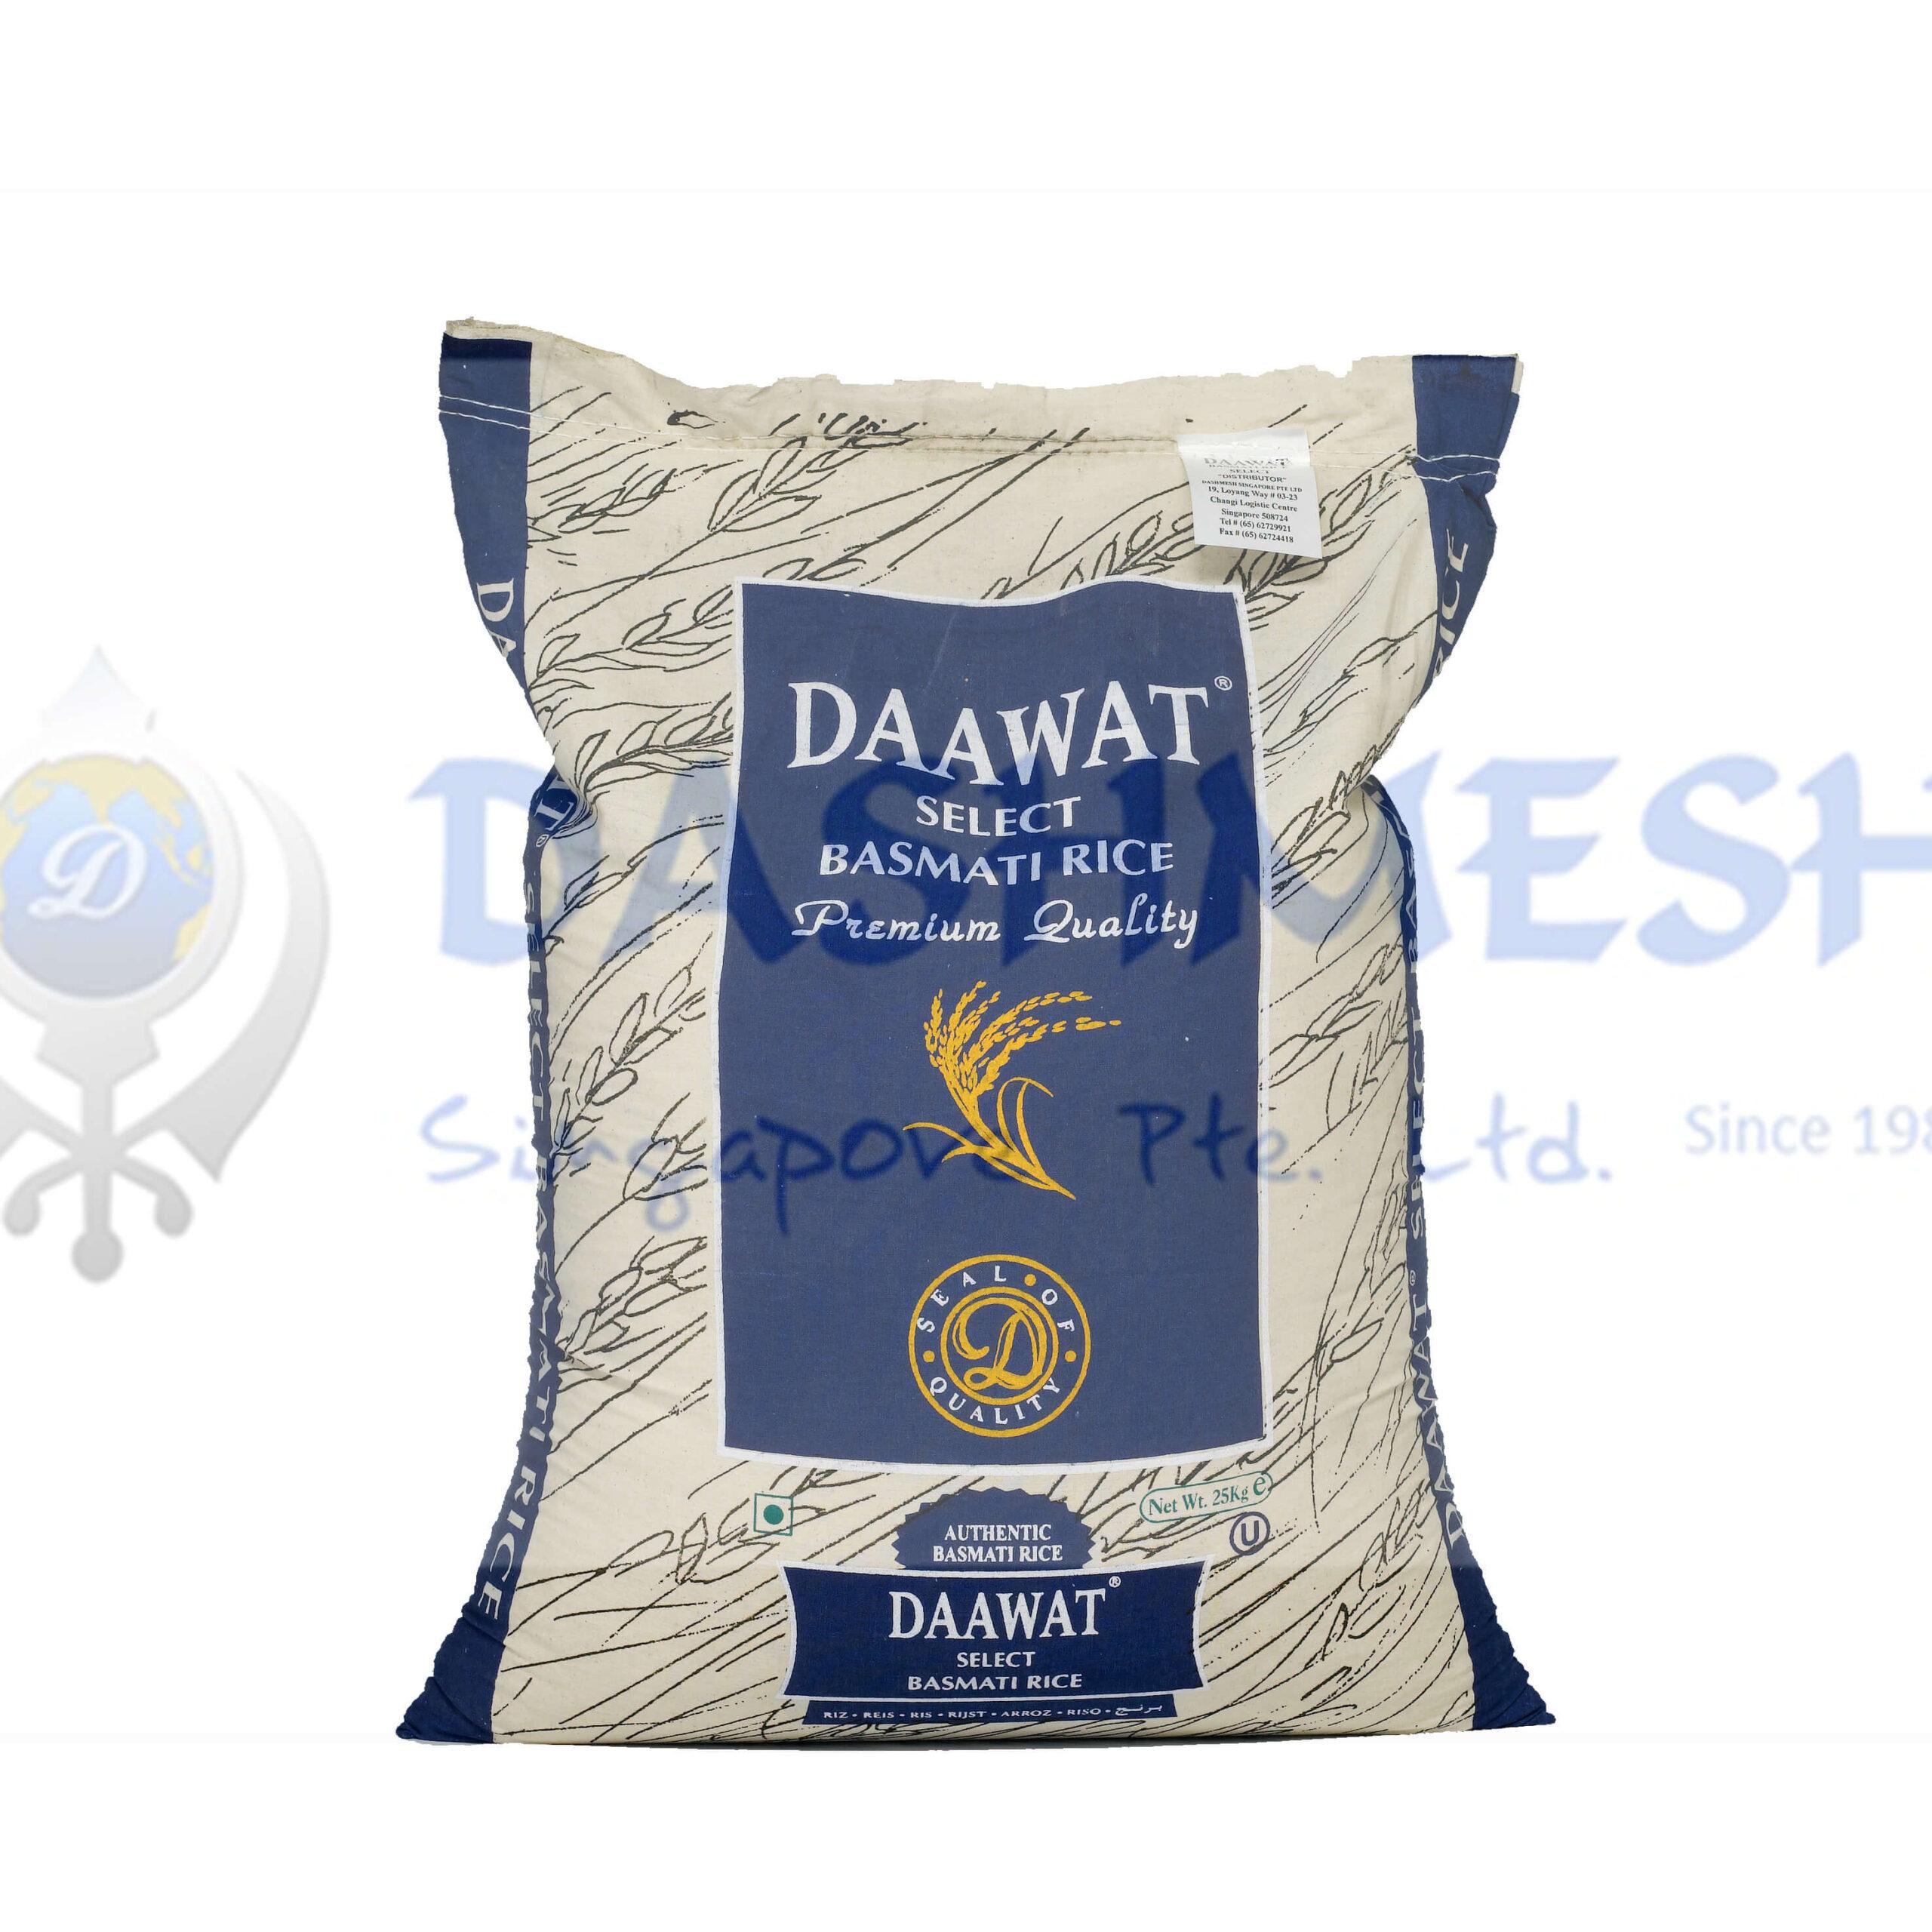 Daawat Select Basmati Rice 25Kg Bag